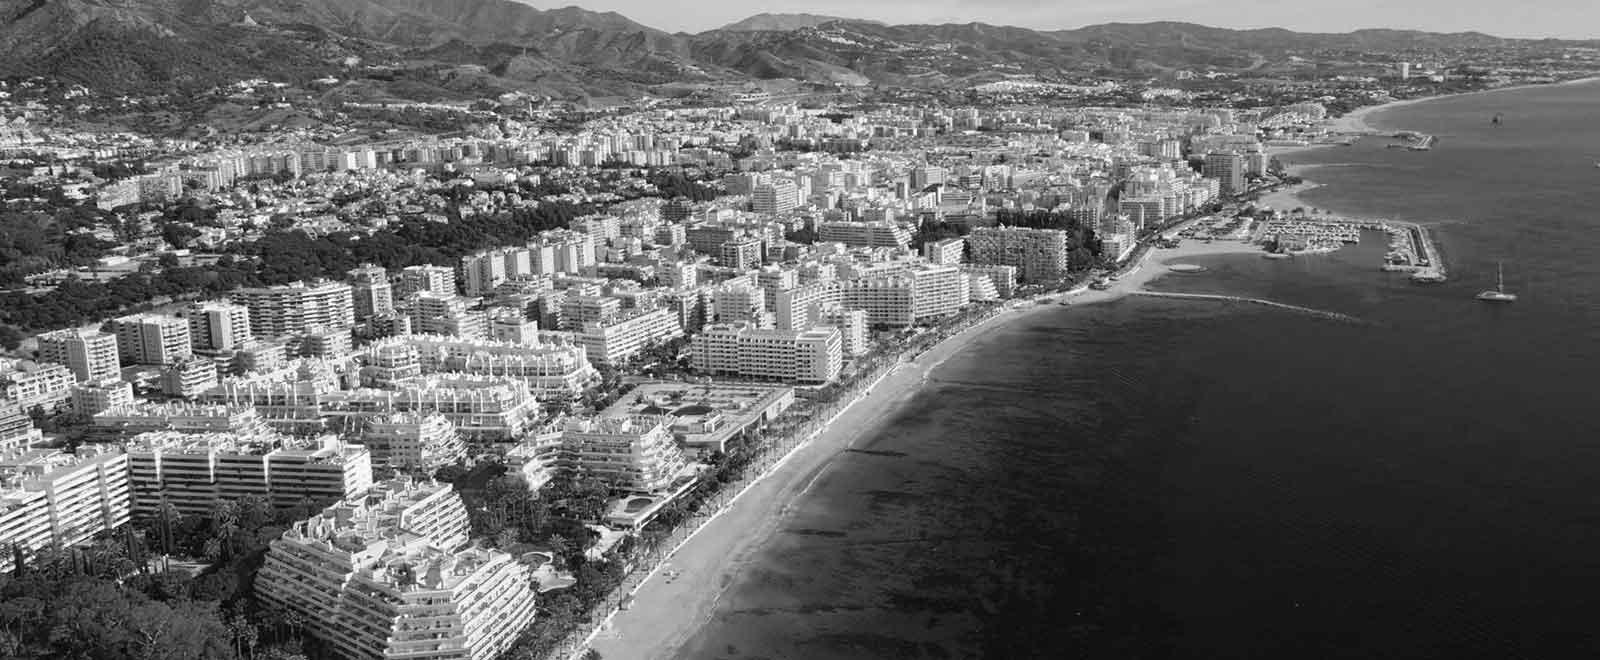 Encuentra los mejores productos de imprenta en Marbella.